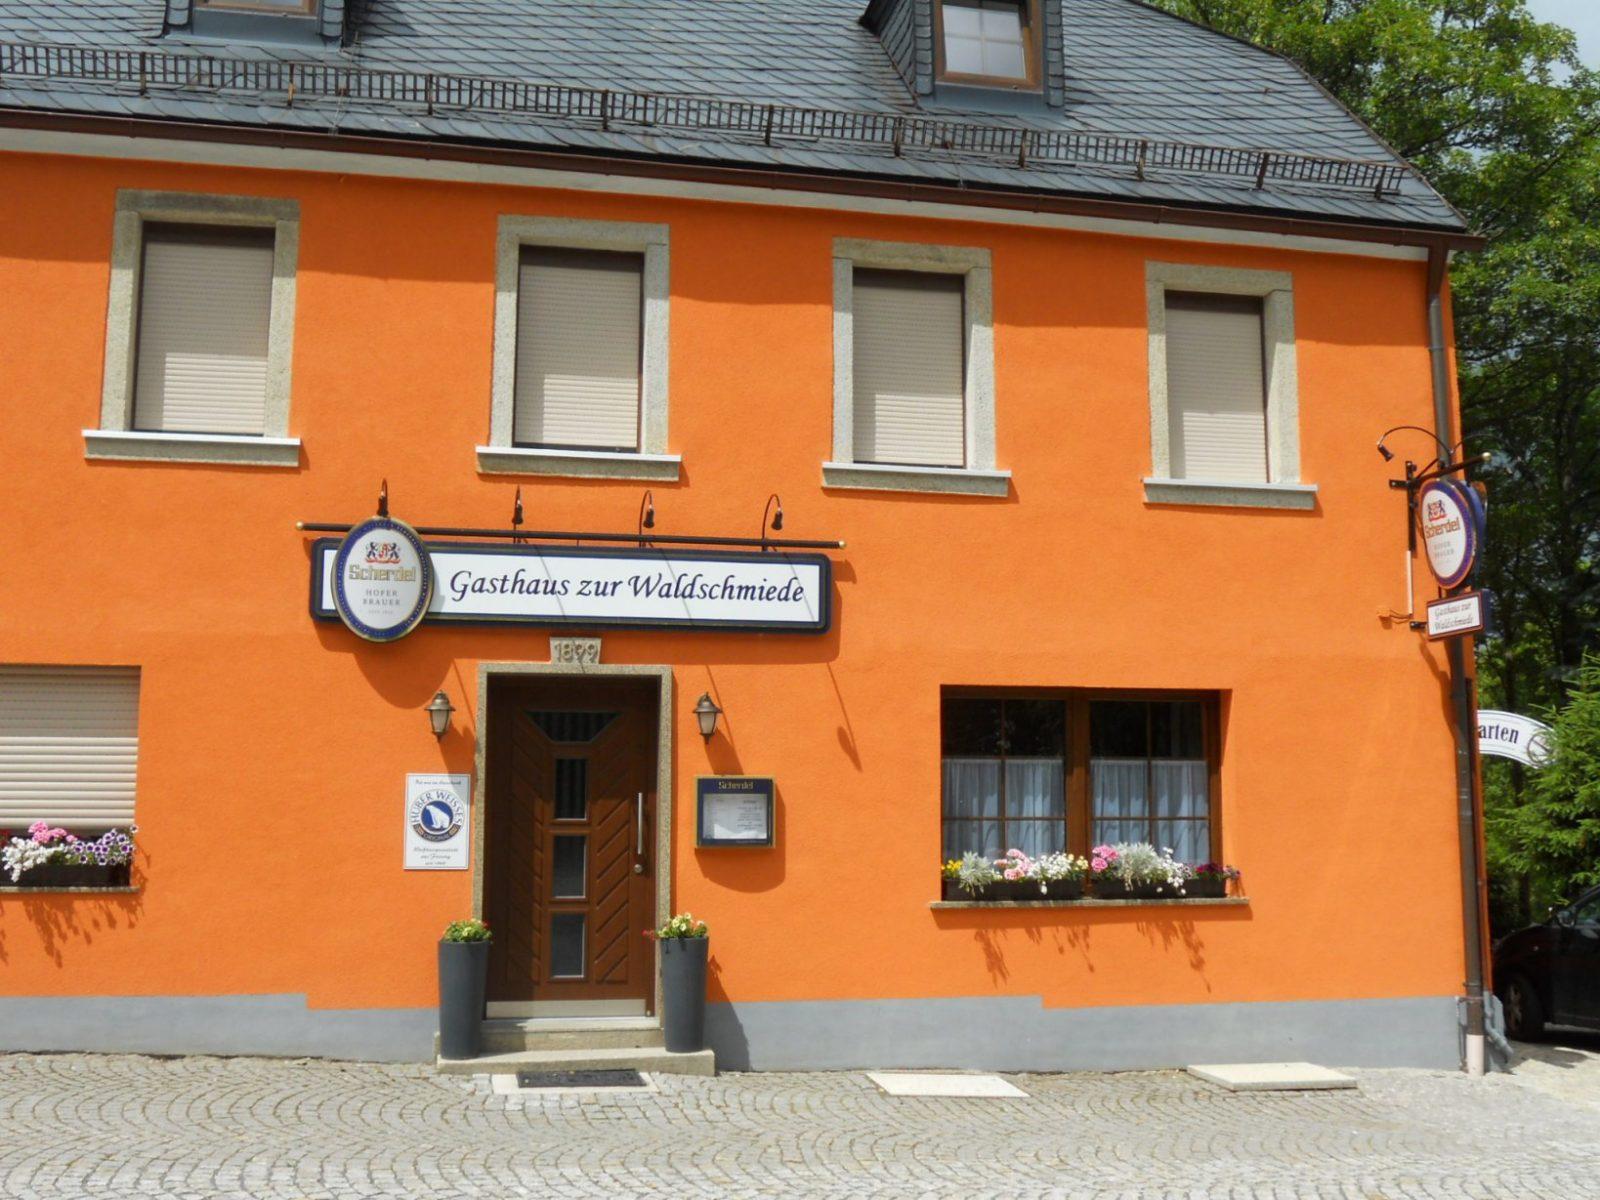 Gut Bürgerliche Deutsche Küche Im Fichtelgebirge Deutsch Essen Gehen von Gasthof Goldener Löwe Bayreuth Photo